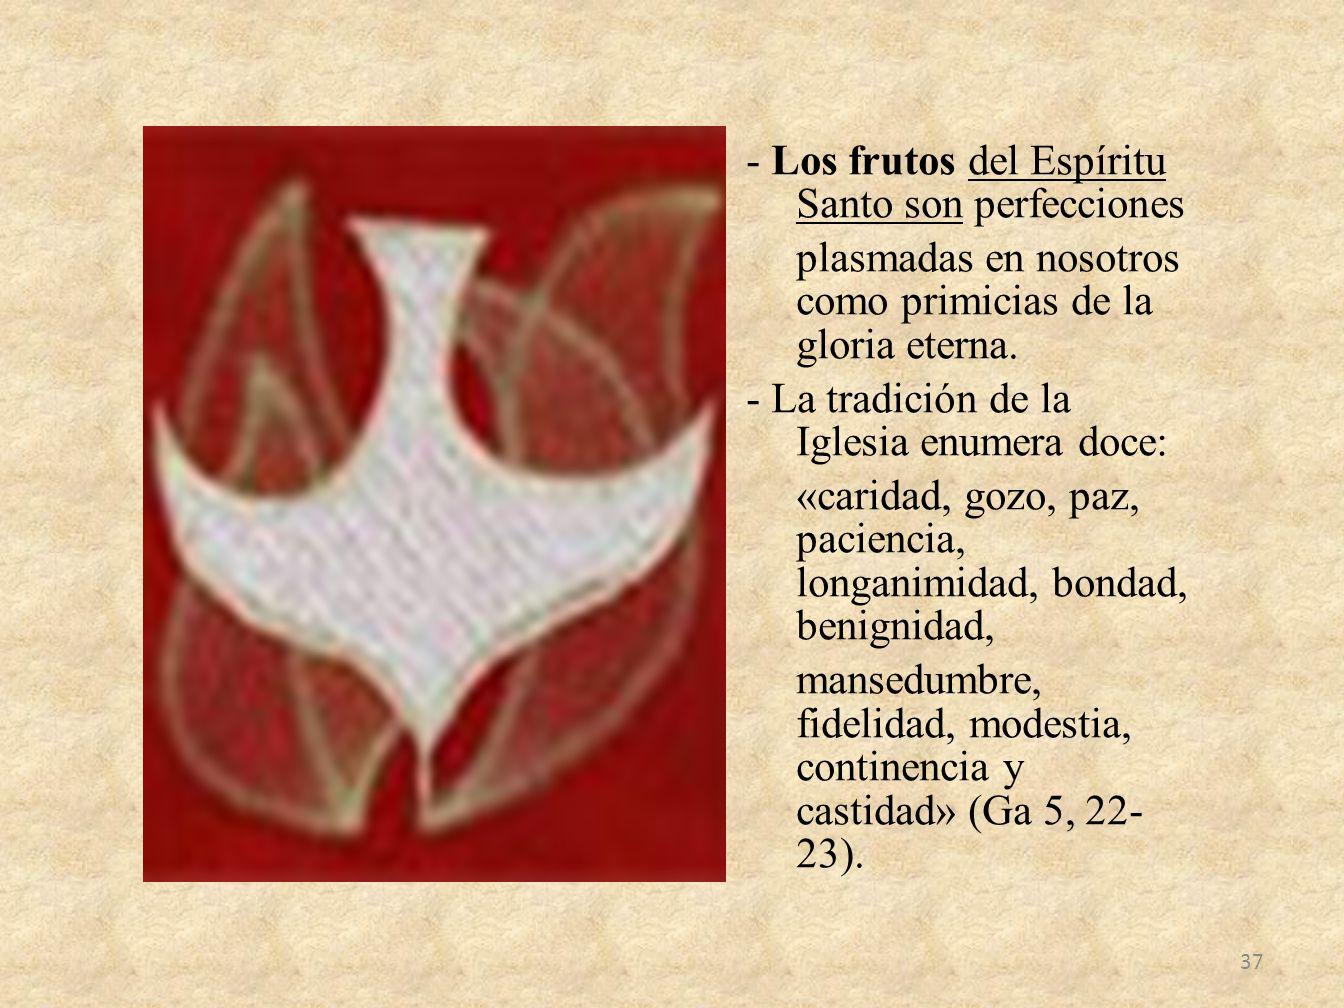 - Los frutos del Espíritu Santo son perfecciones plasmadas en nosotros como primicias de la gloria eterna. - La tradición de la Iglesia enumera doce: